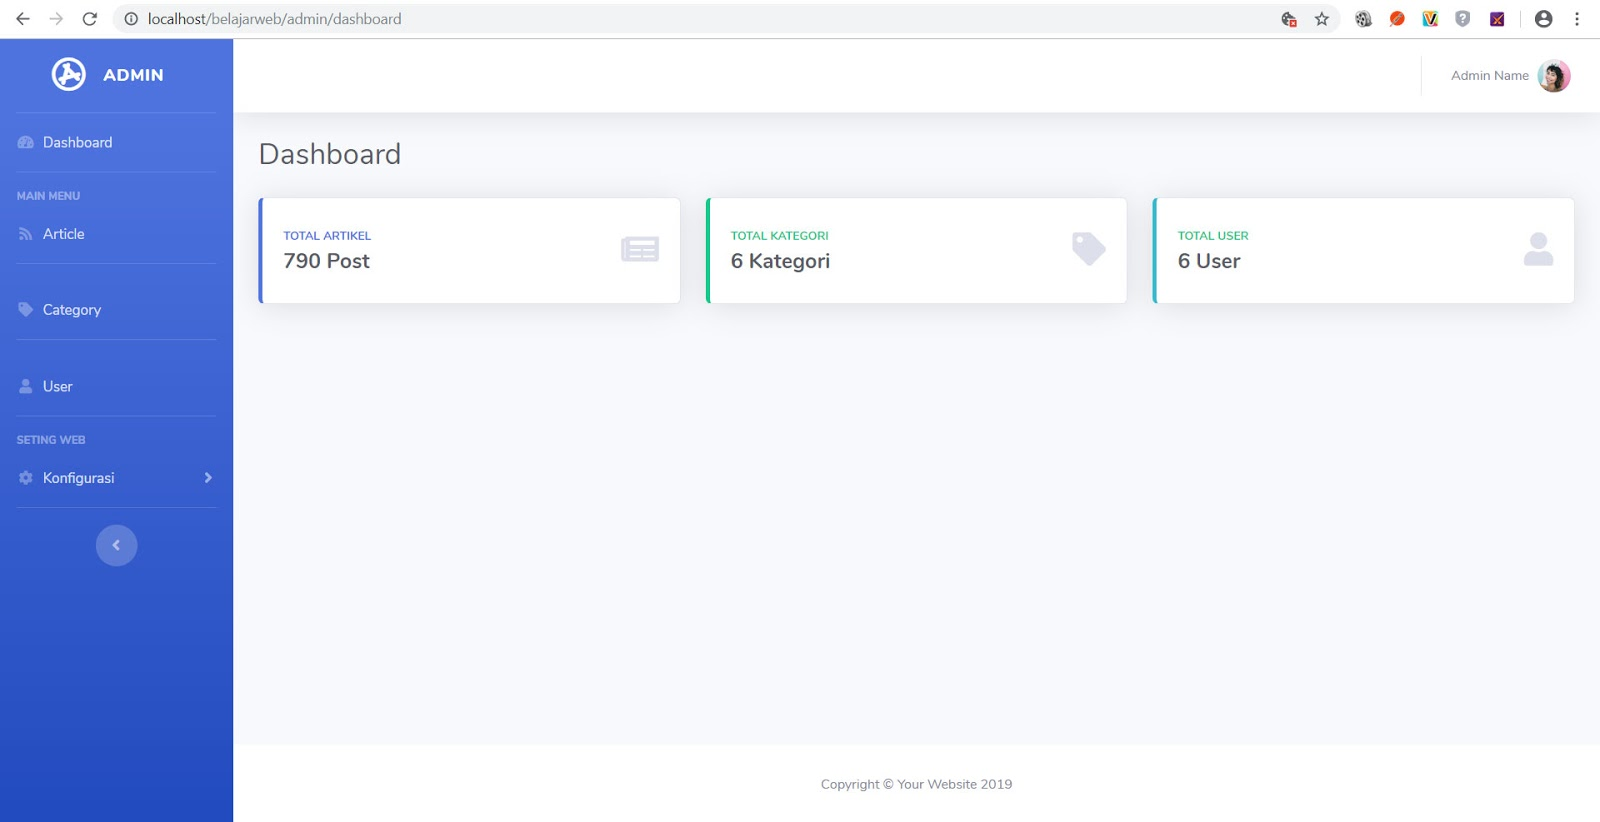 Tutorial membuat web dengan codeigniter - membuat halaman dashboard